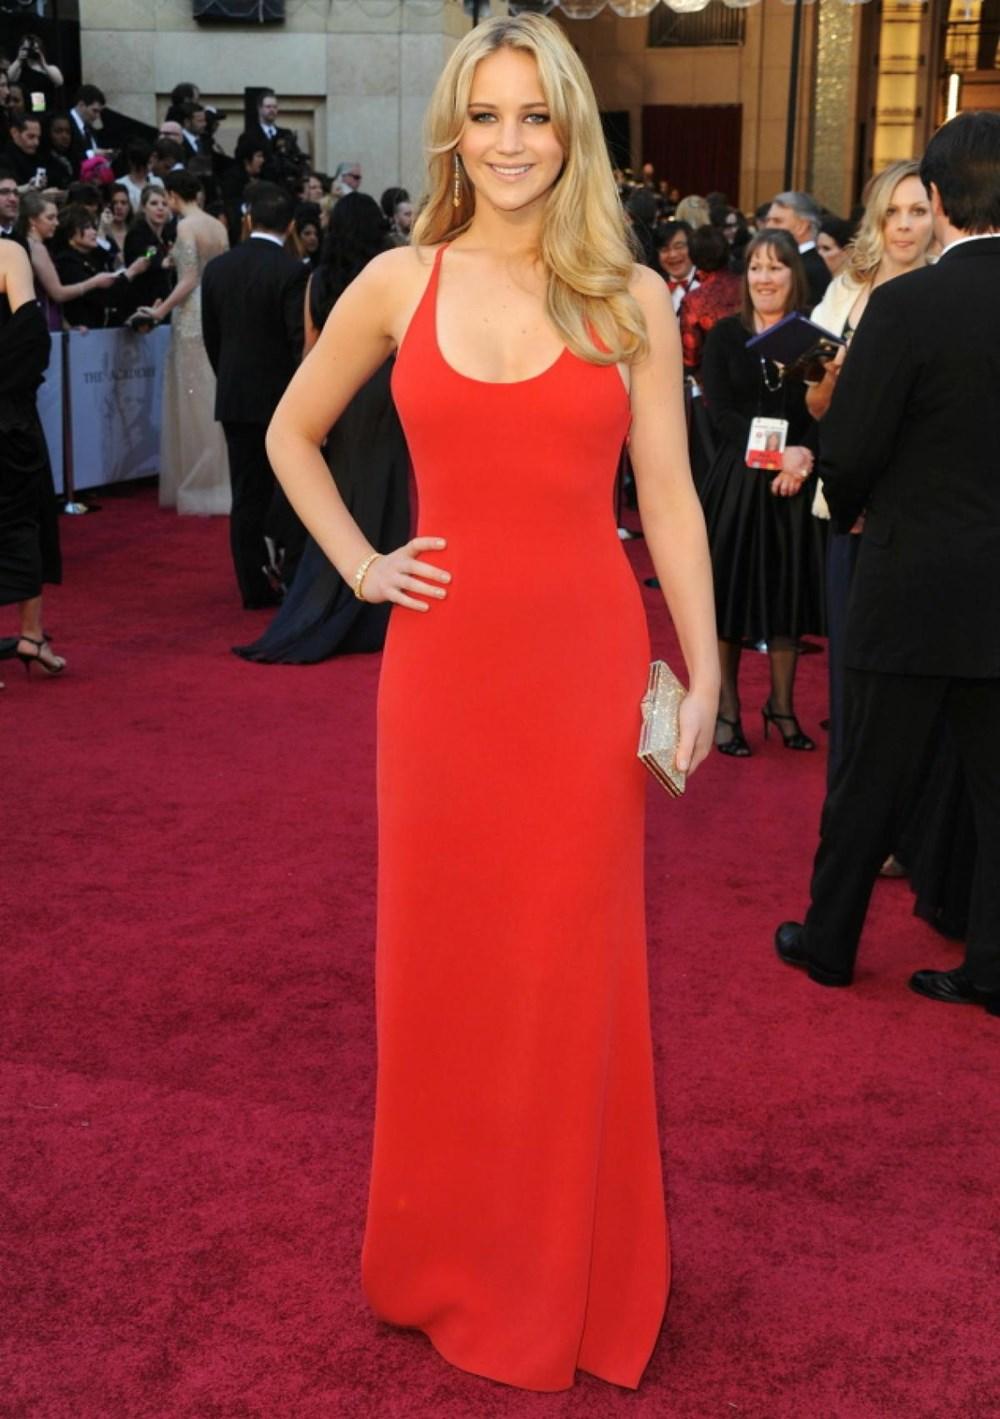 Chiếc váy đỏ của Calvin Klein và mái tóc vàng uốn nhẹ giúp Jennifer trở nên quyến rũ, tỏa sáng tại lễ trao giải Oscar